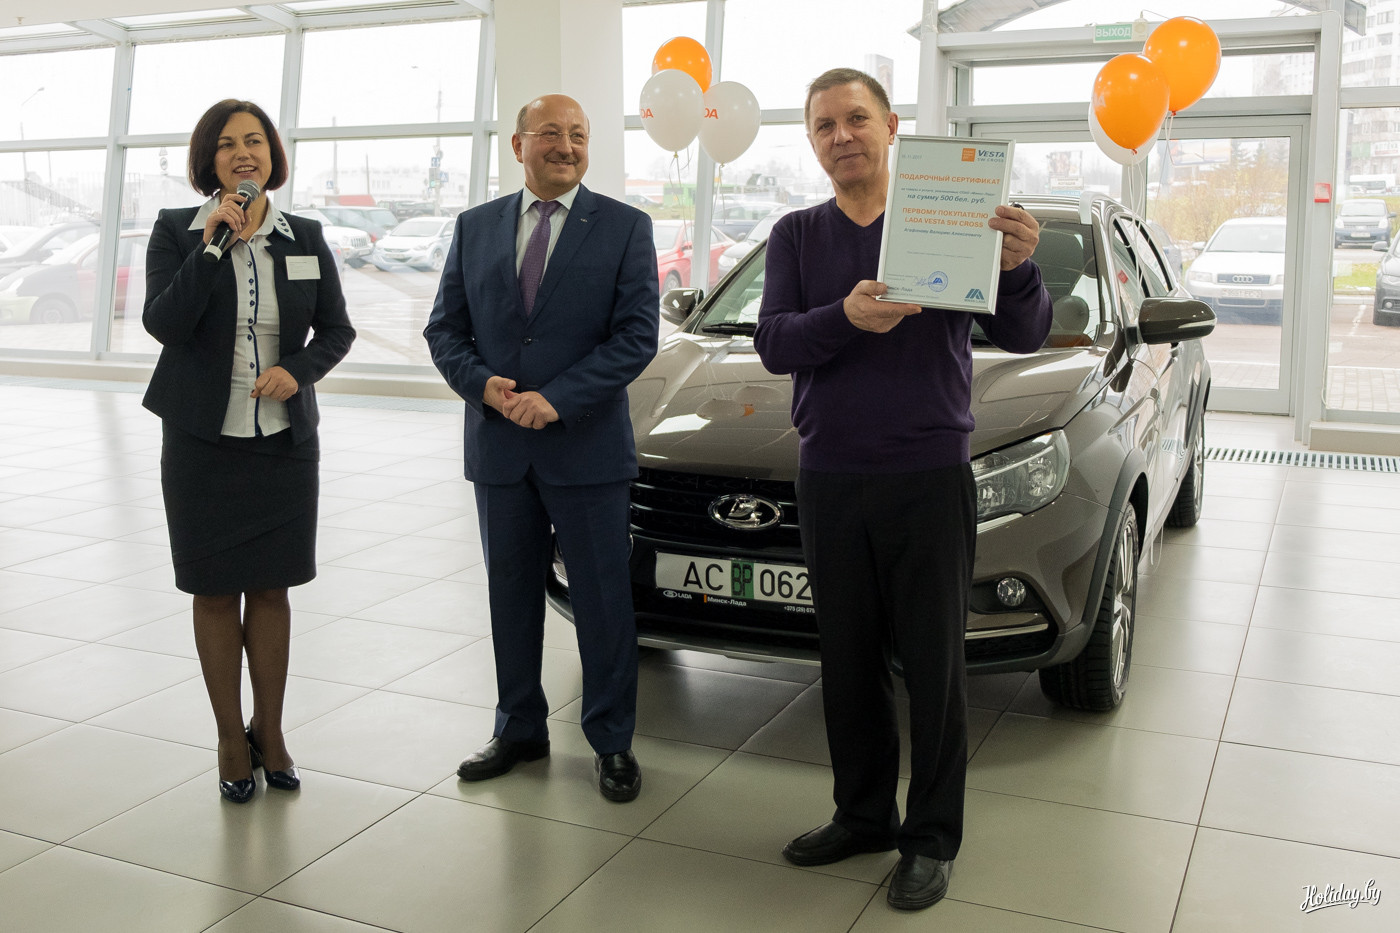 Валерий Алексеевич Агафонов, инженер запаса с водительским стажем 35 лет стал первым клиентом, получившим ключи от Lada Vesta SW. Это его первый новый автомобиль